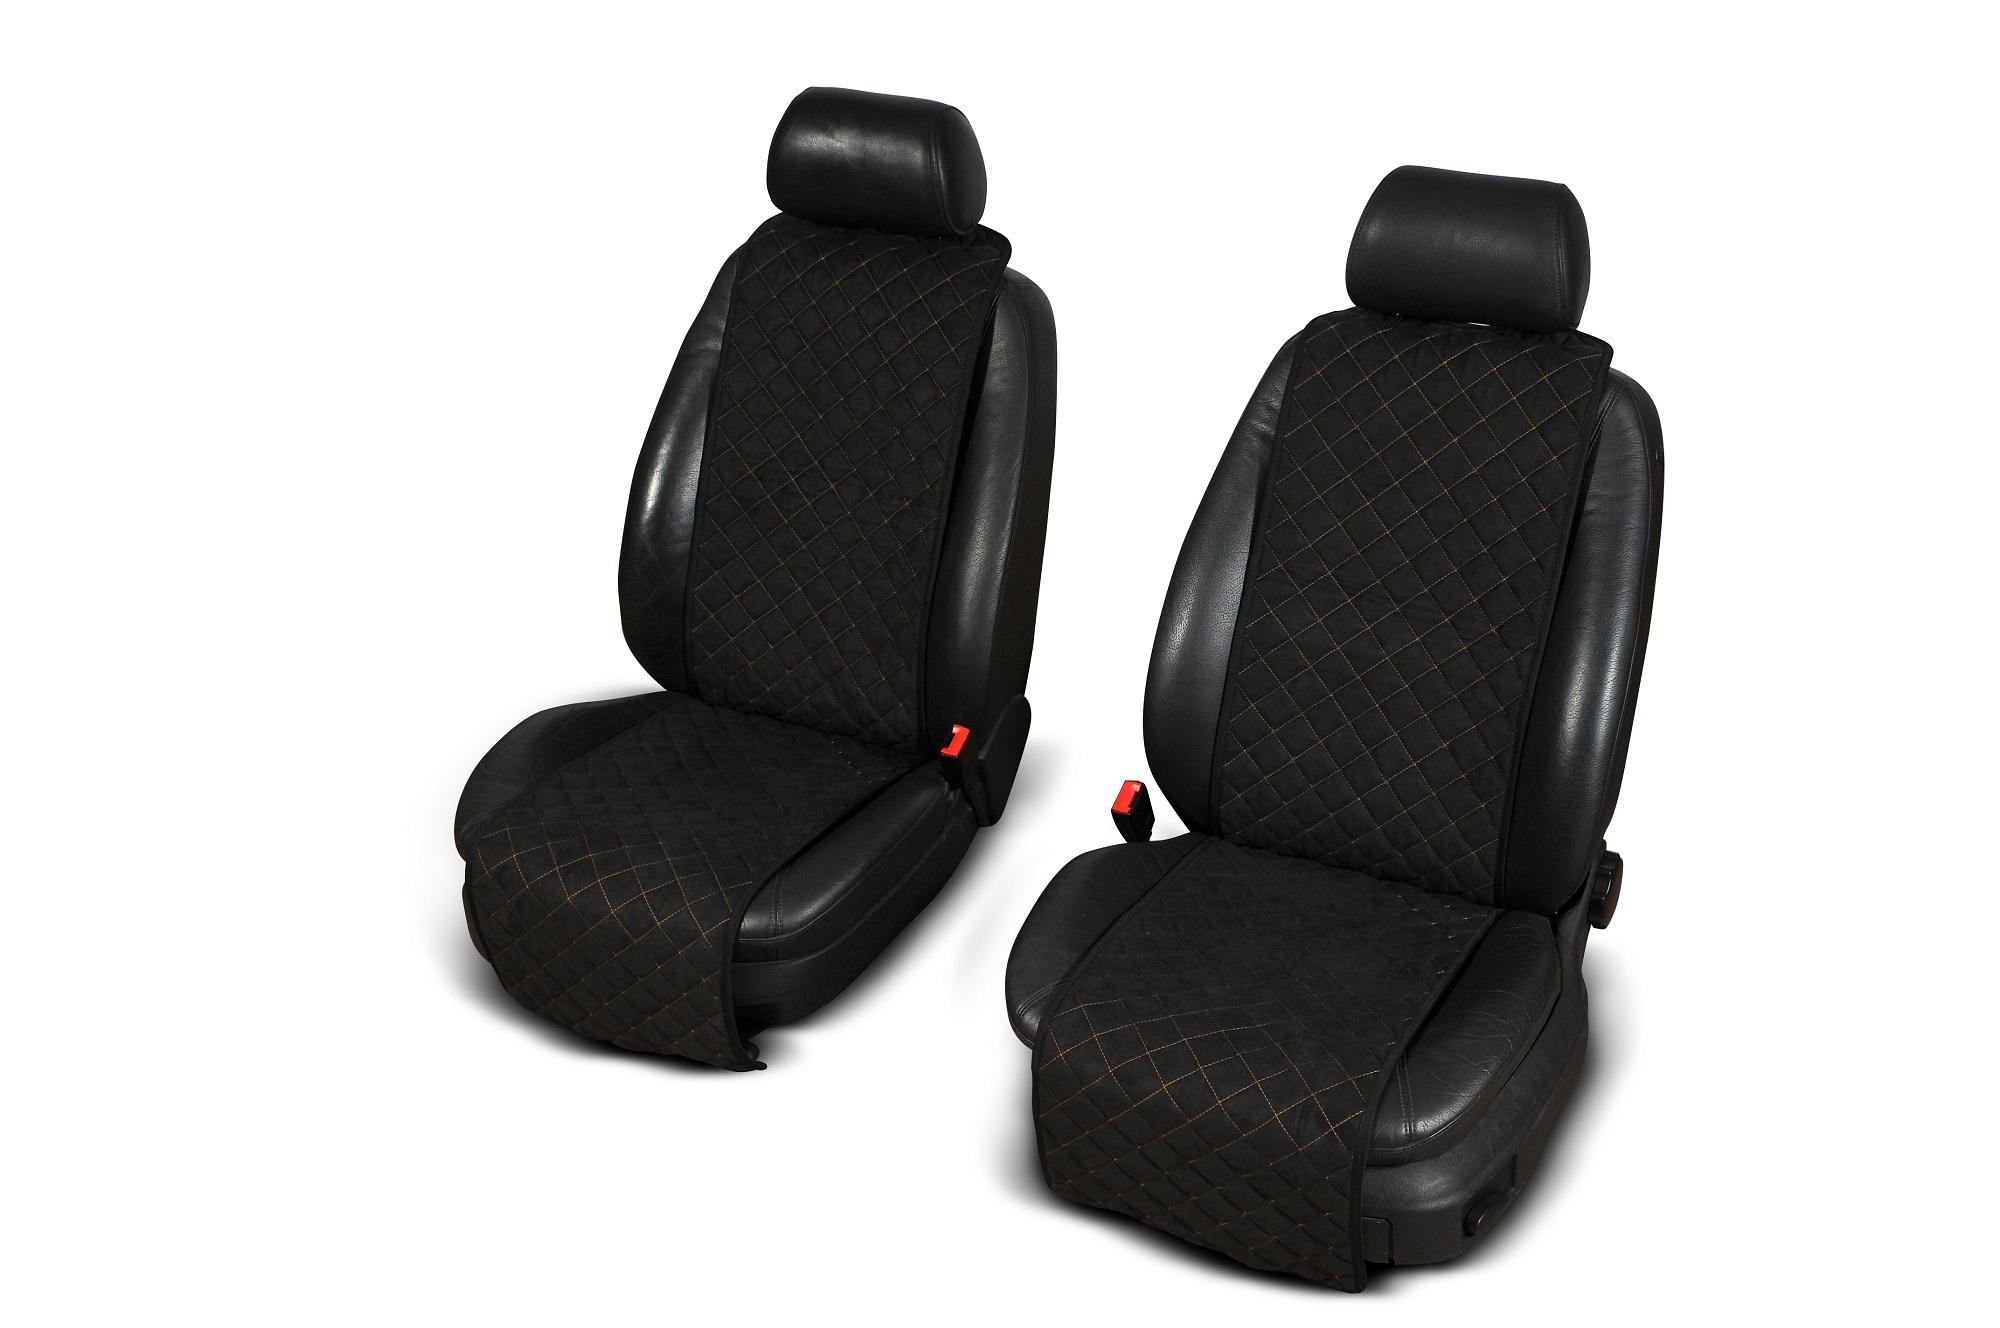 Autopotahy Cantra - Standardní. 2x autopotahy na přední sedadla Barva: Modrá